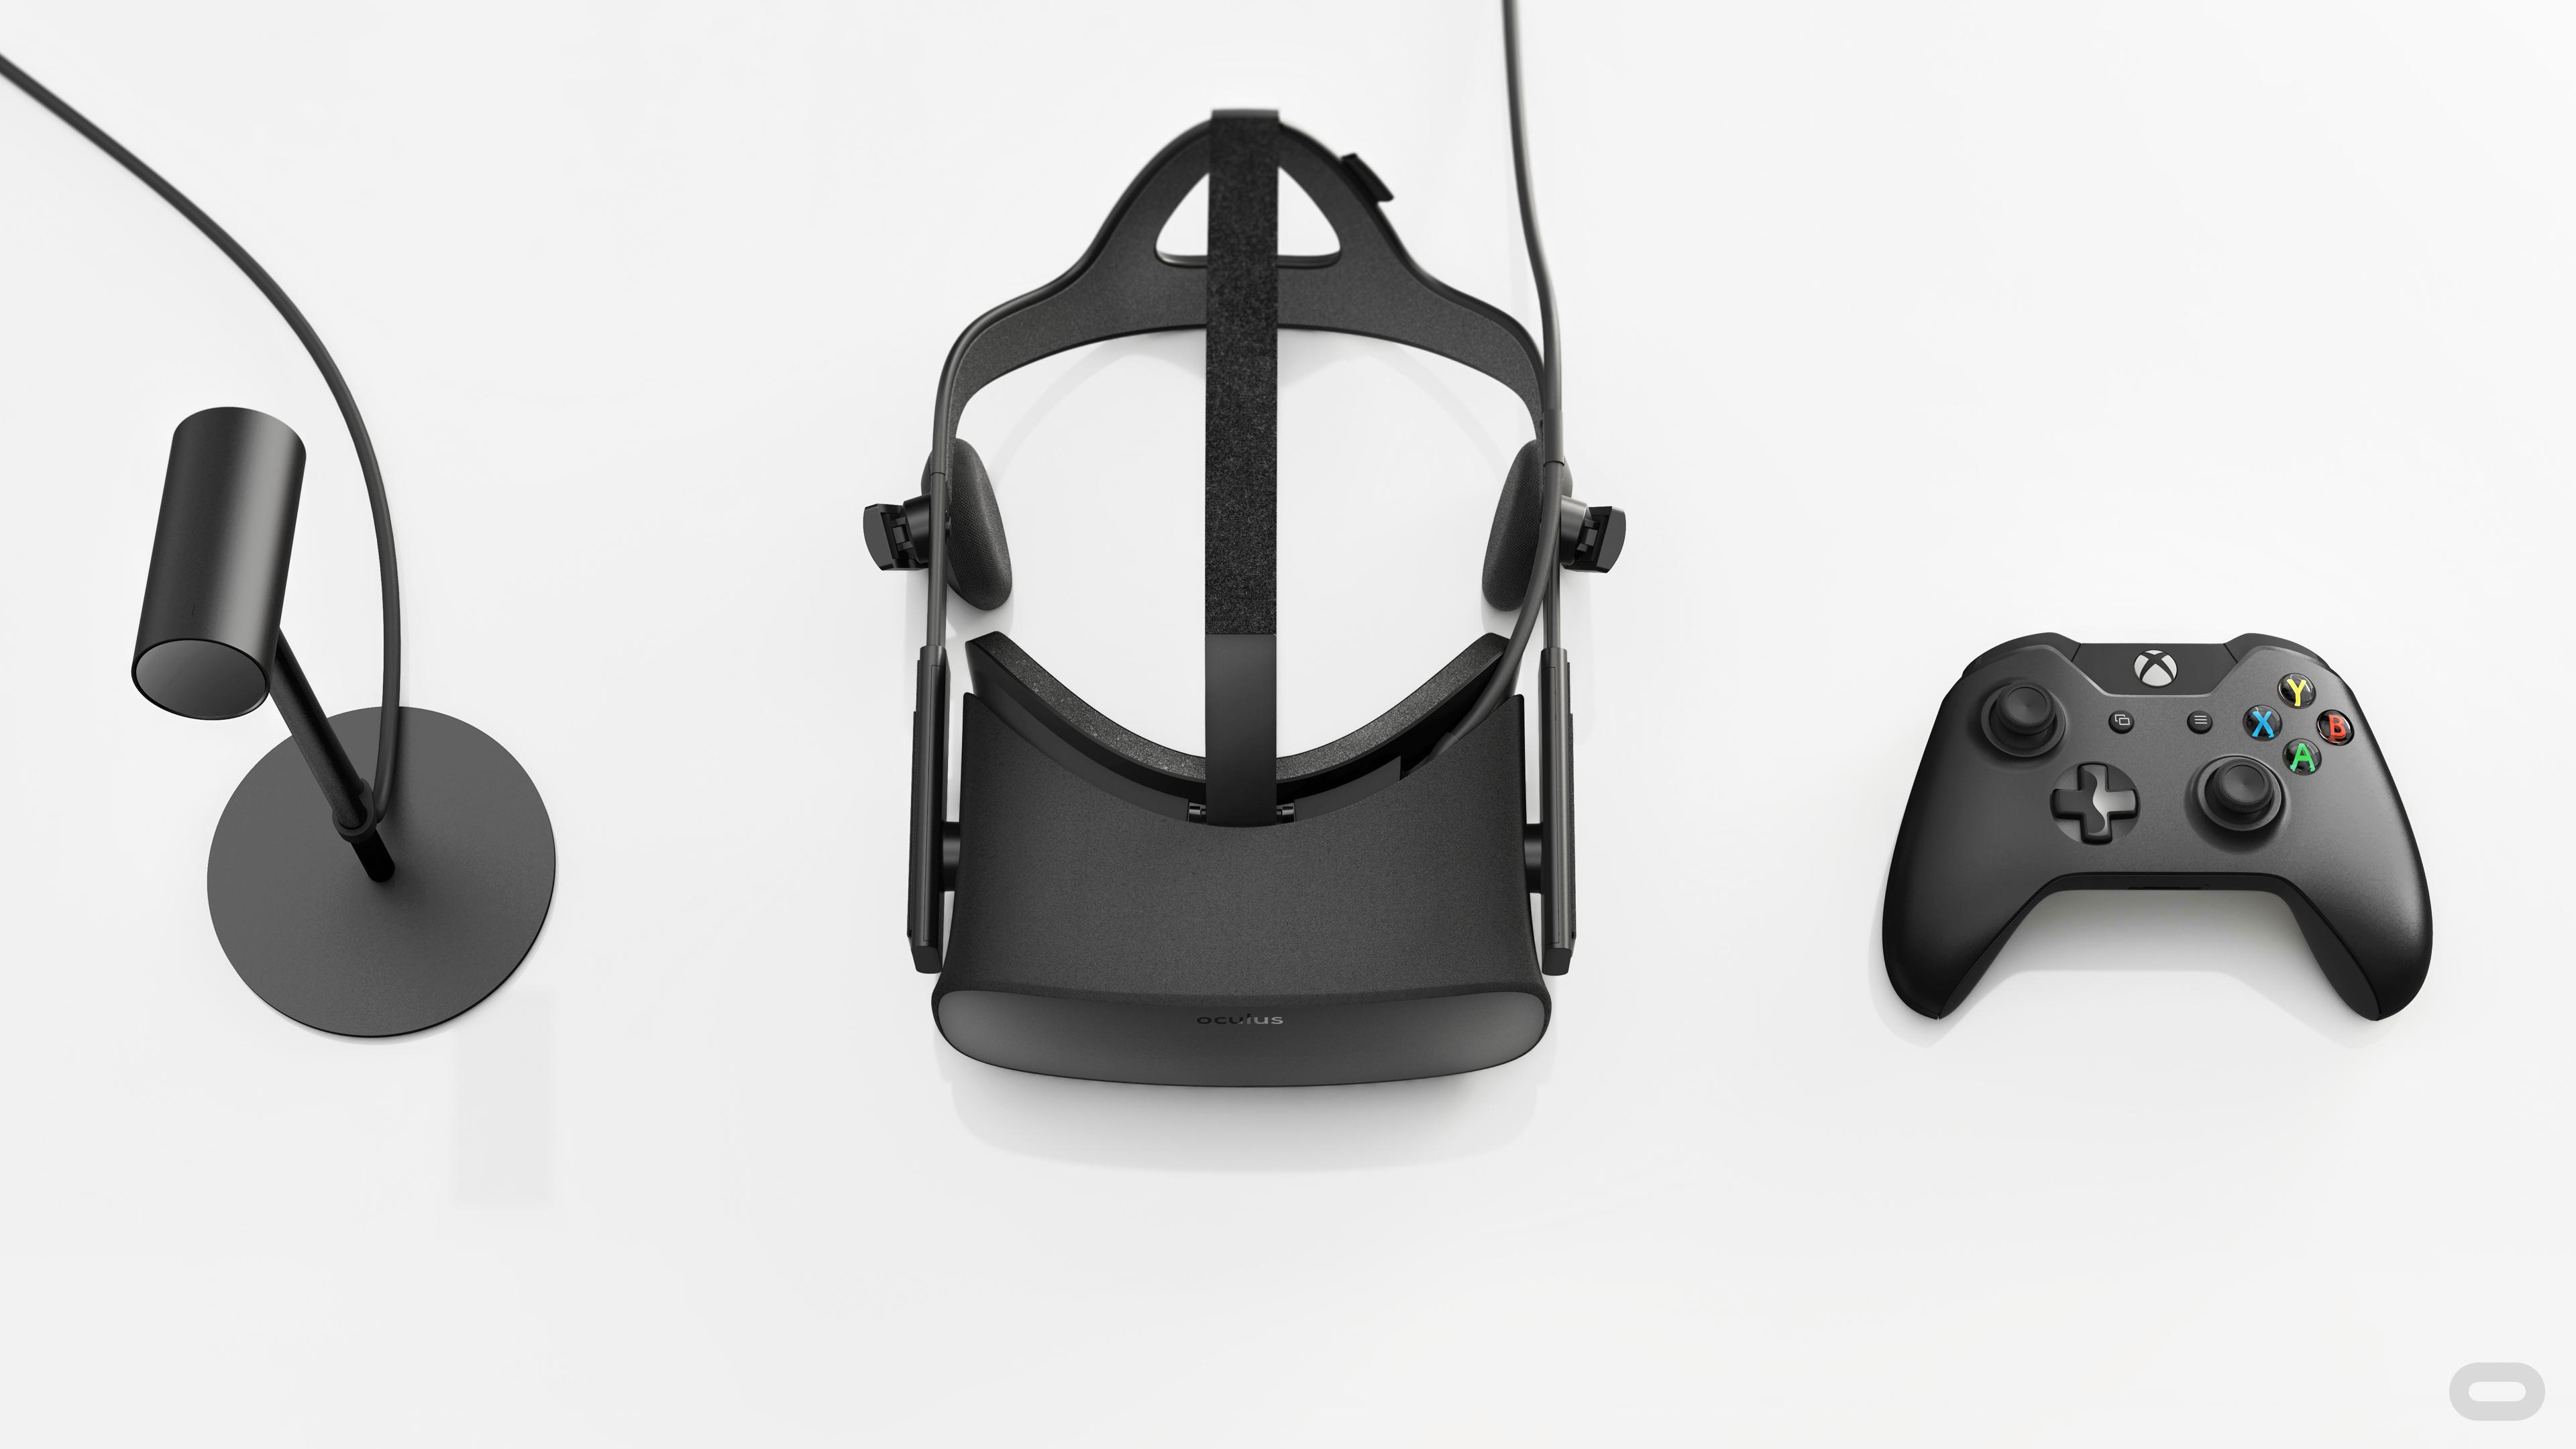 Fra mega E3 2015 Day 1 and Oculus Rift CV1 WB-96